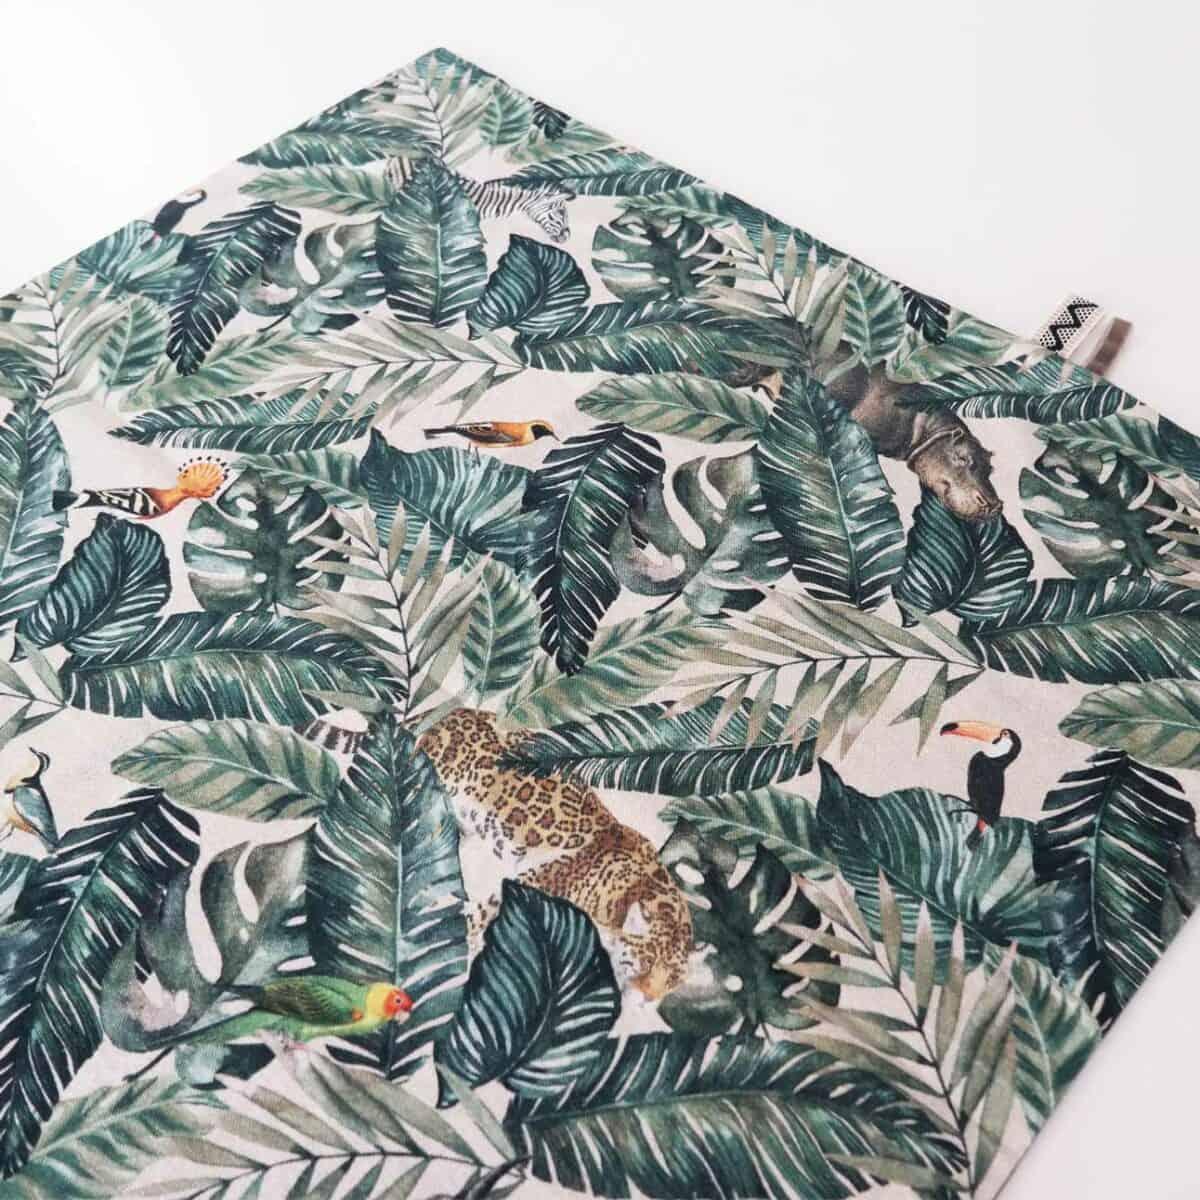 Babylaken met tropische dieren print